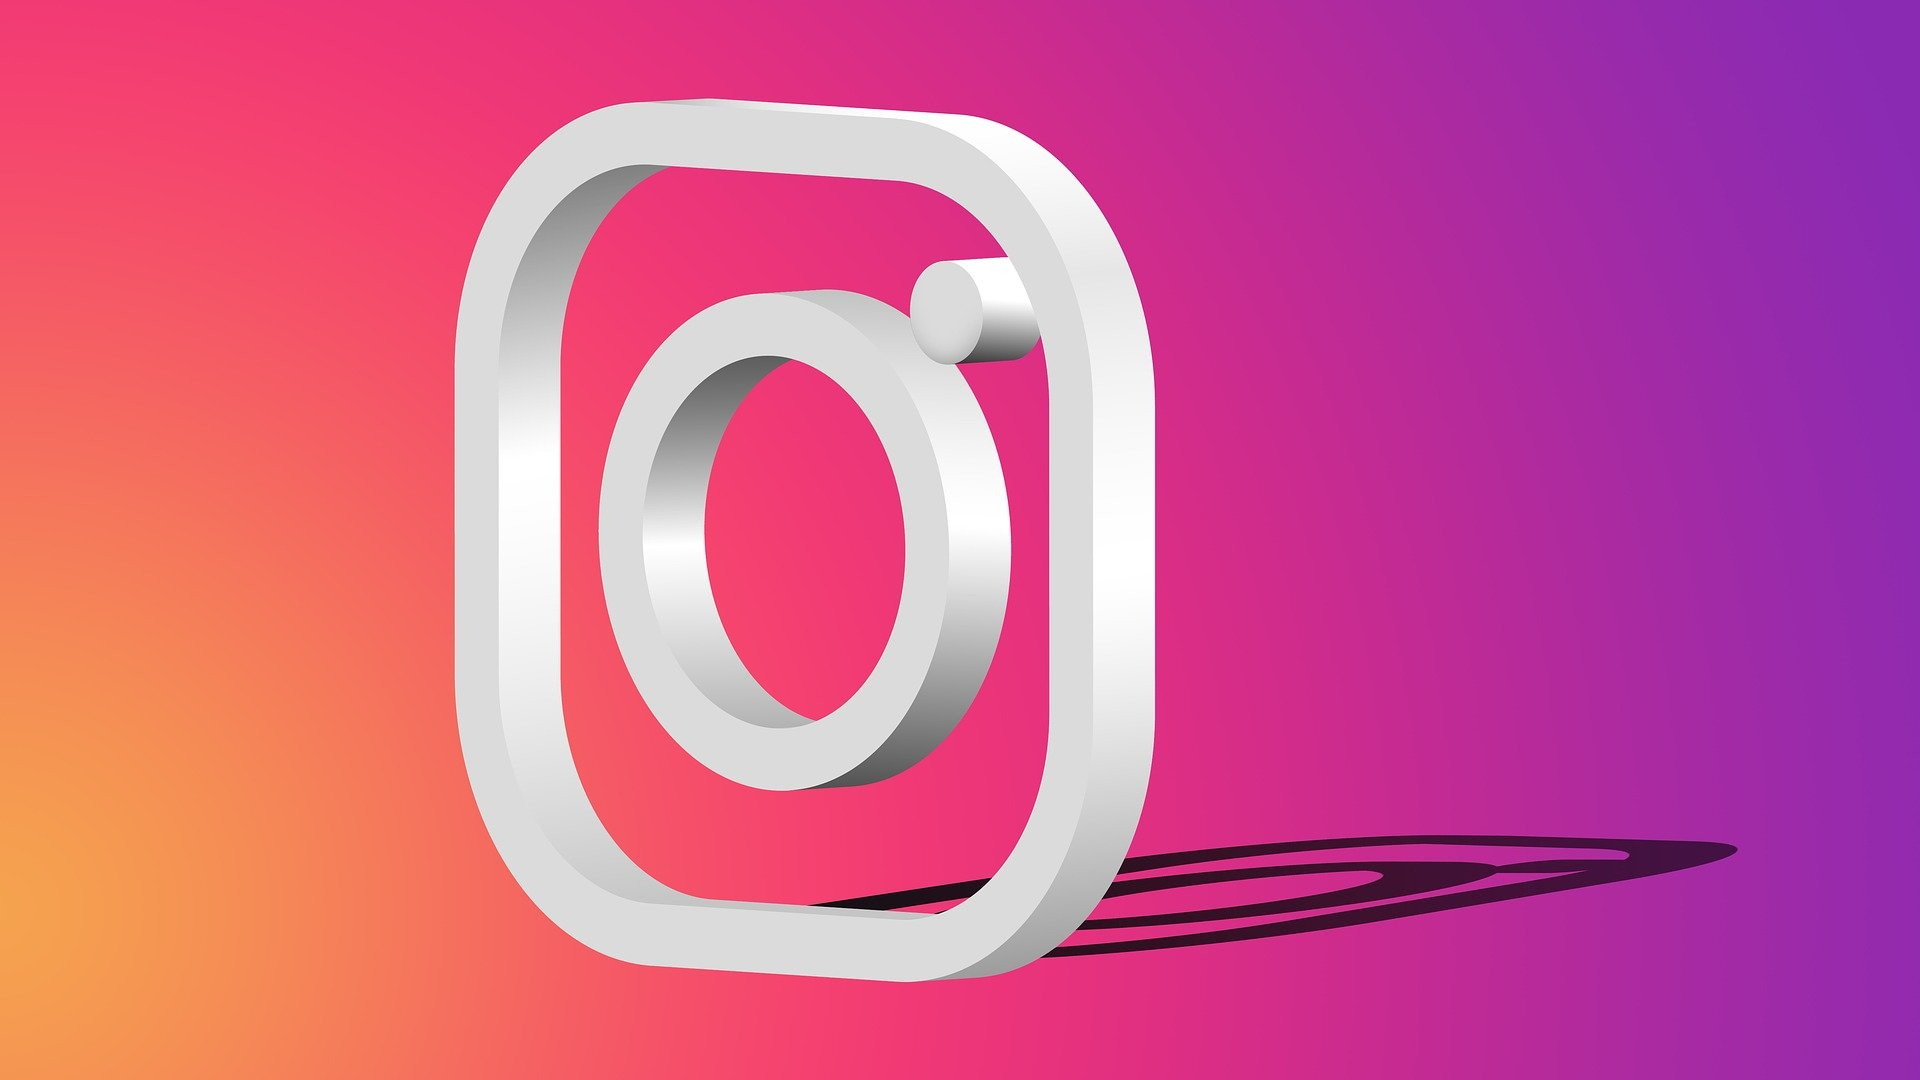 Instagram - Logo De Instagram - 1920x1080 - Download HD Wallpaper - WallpaperTip